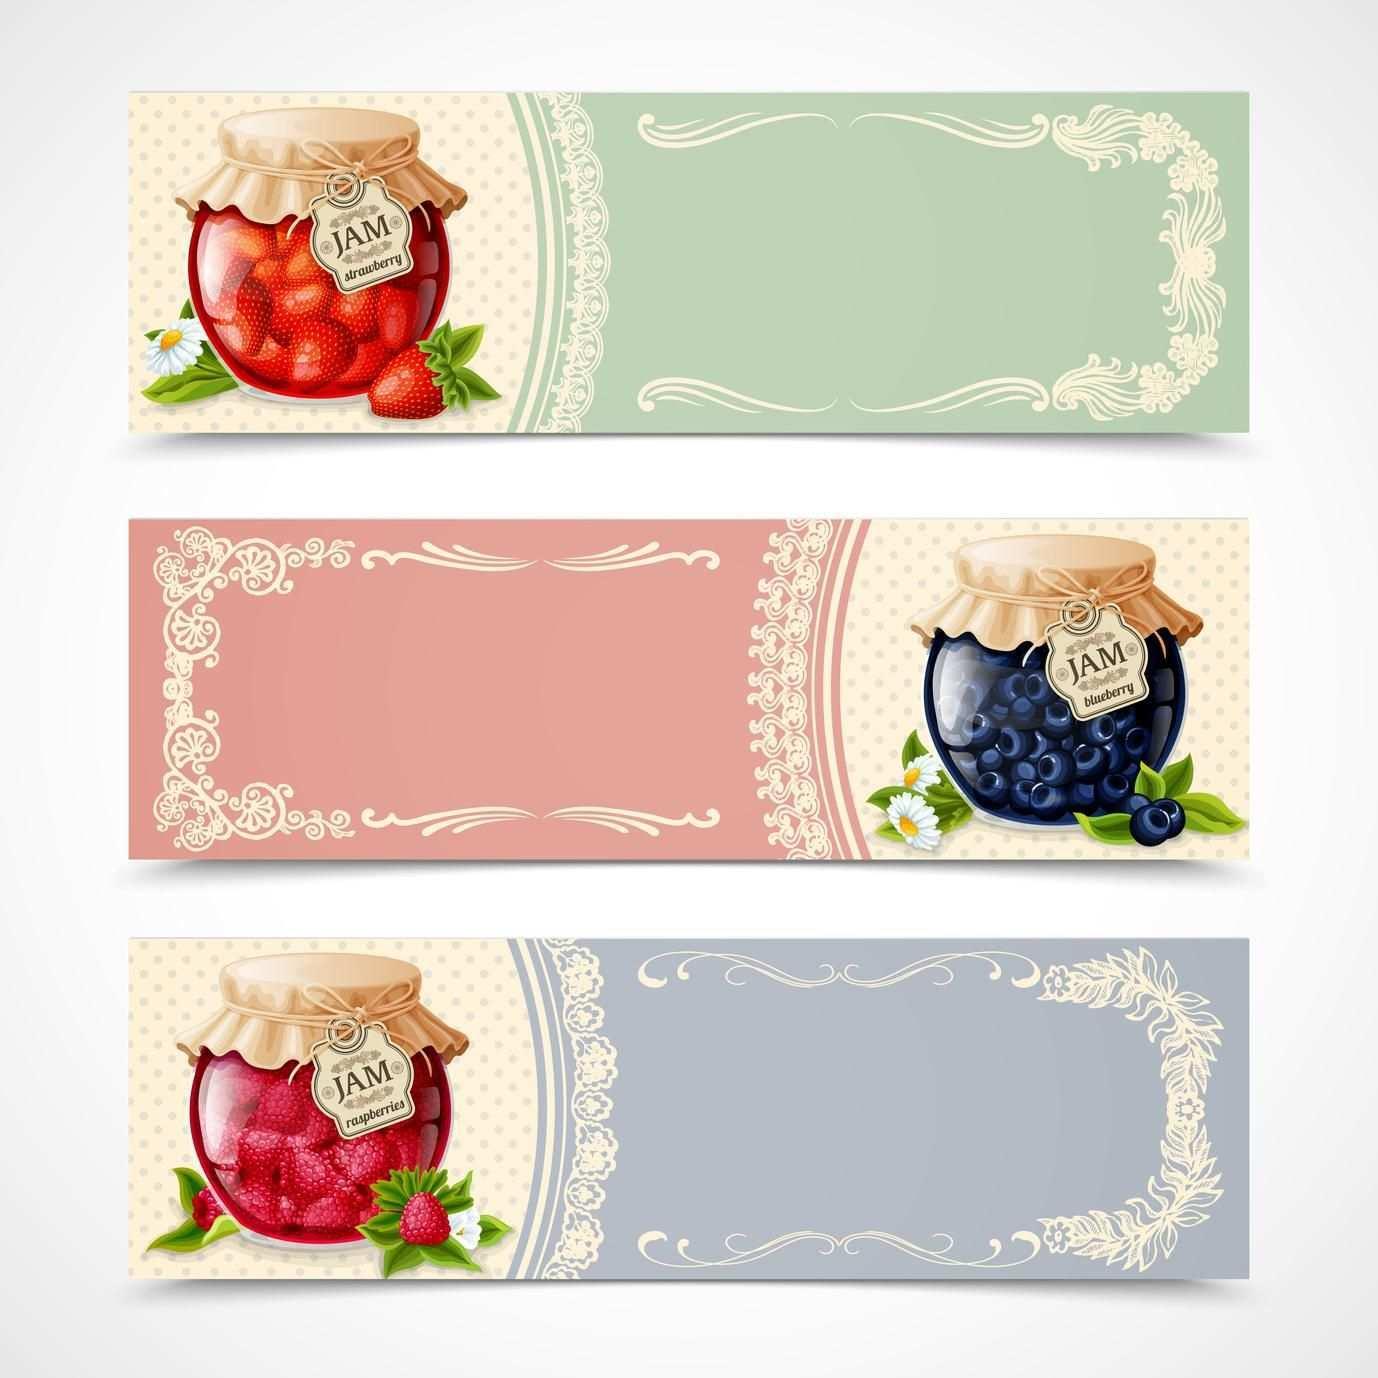 Dekorative Etiketten Zum Downloaden Frag Mutti Druckbare Etiketten Etiketten Aufkleber Etiketten Vorlagen